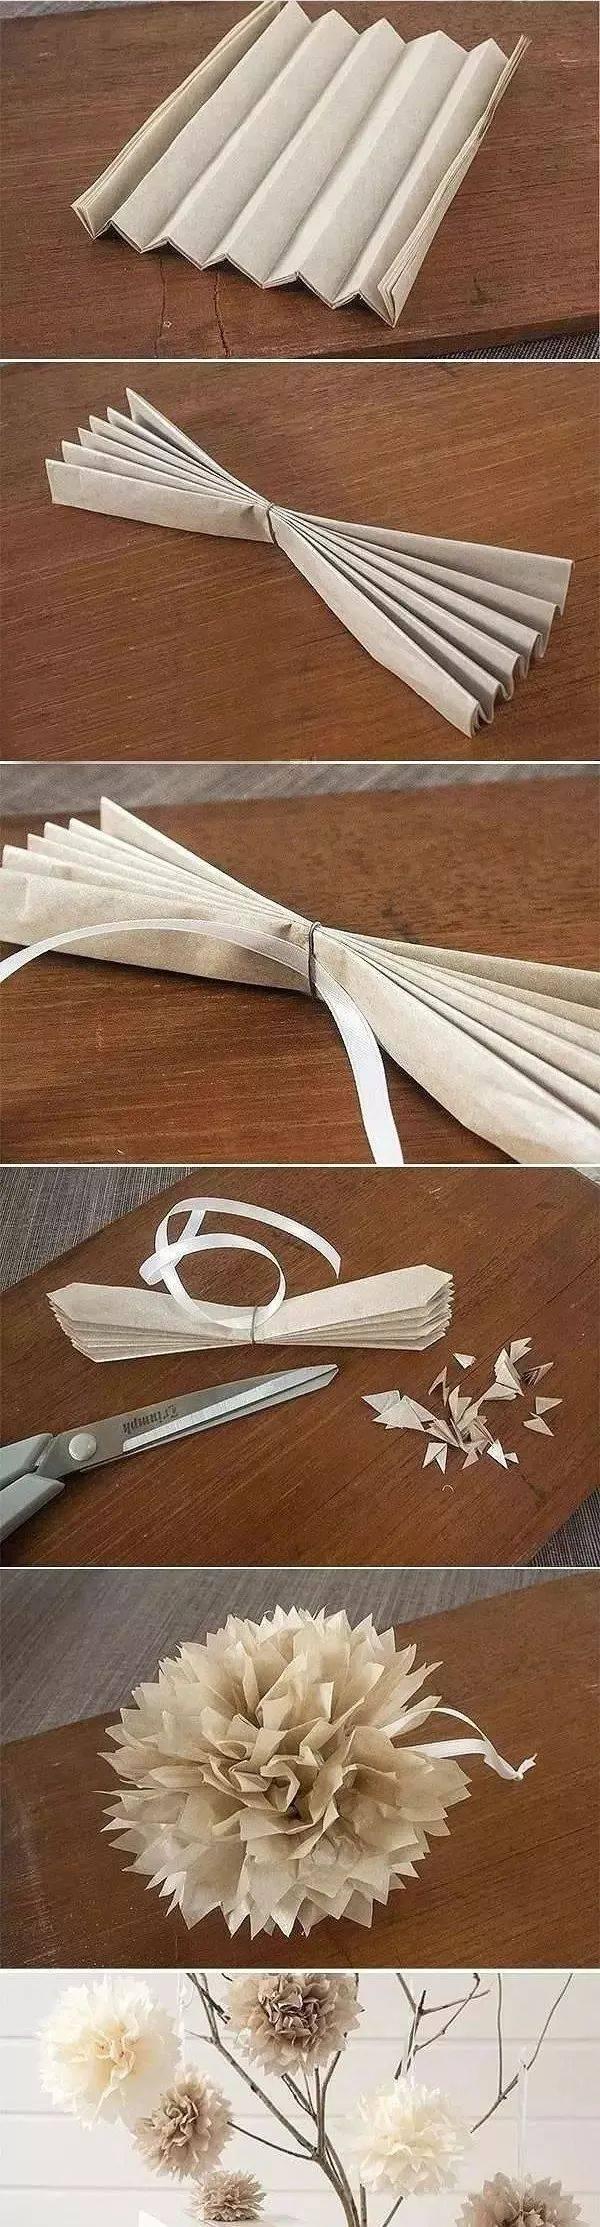 手工|康乃馨简易折纸